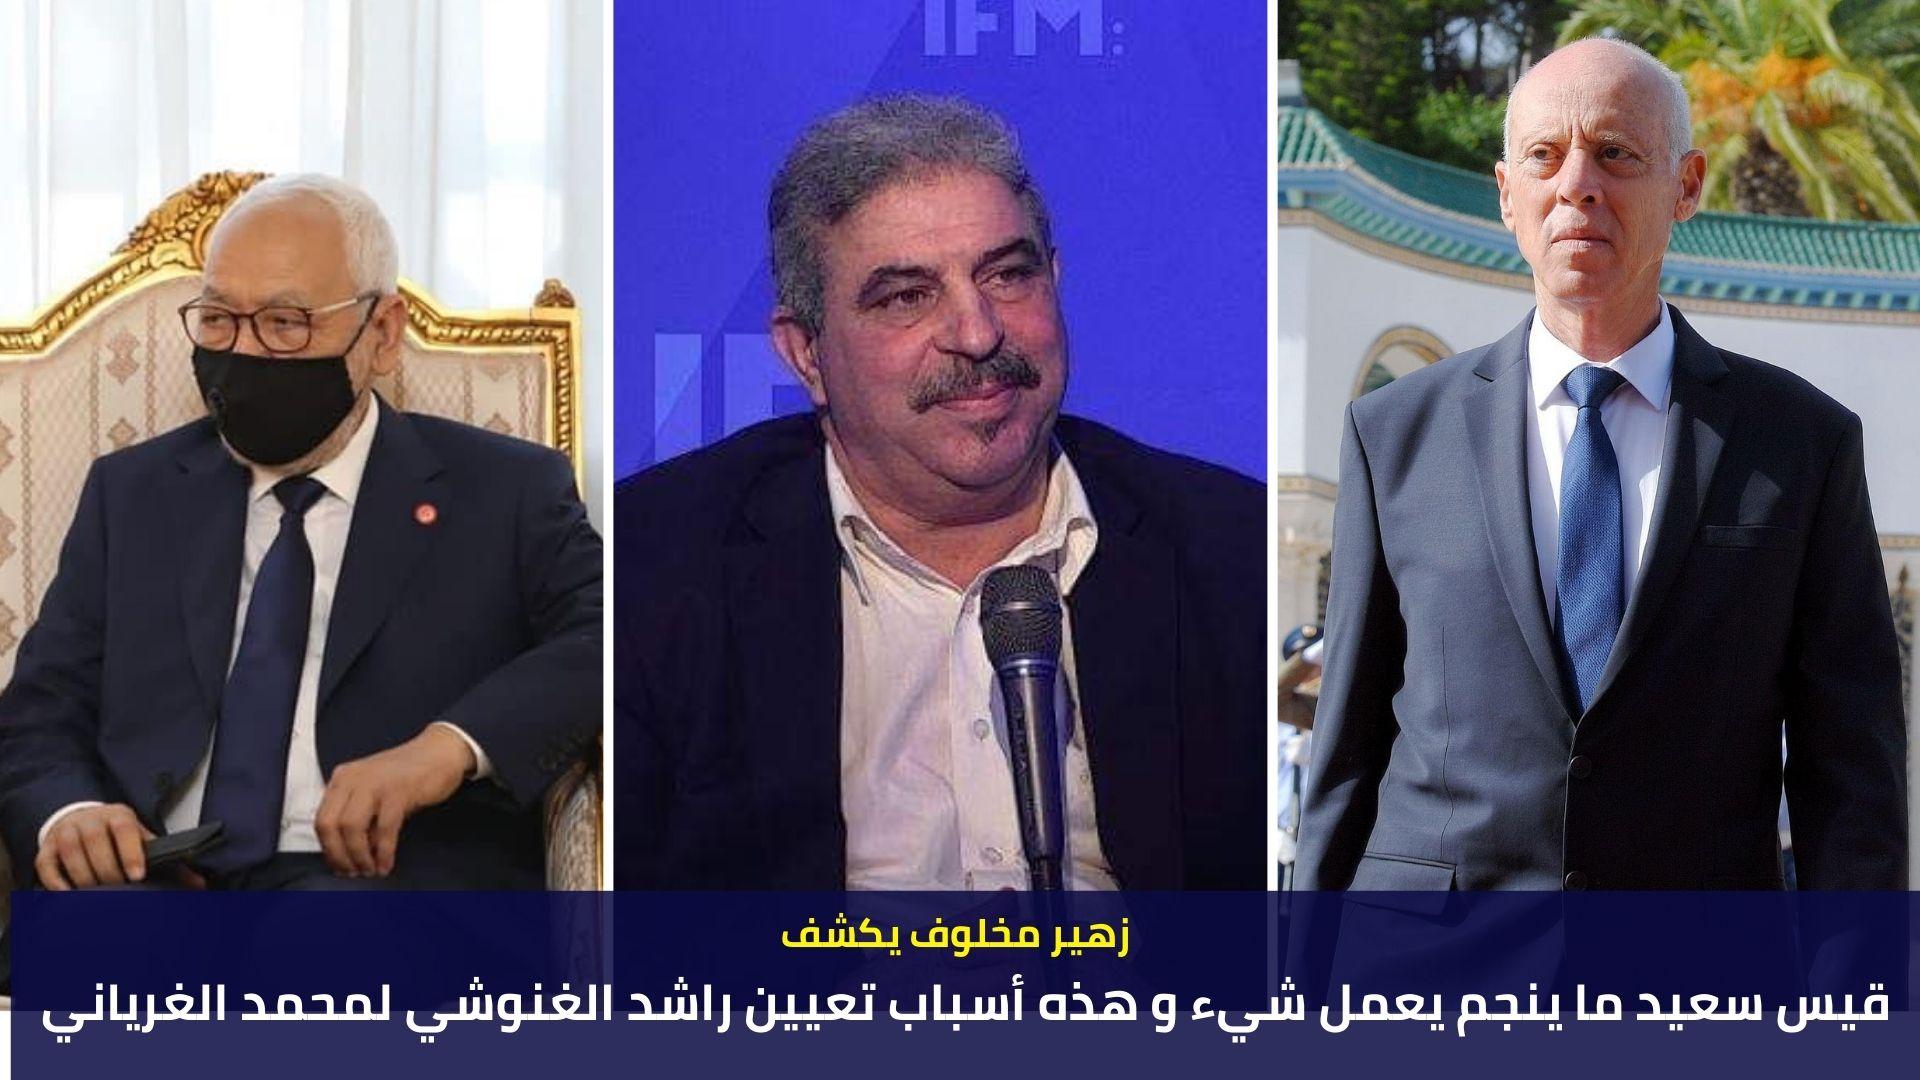 زهير مخلوف يكشف : قيس سعيد ما ينجم يعمل شيء و هذه أسباب تعيين راشد الغنوشي لمحمد الغرياني